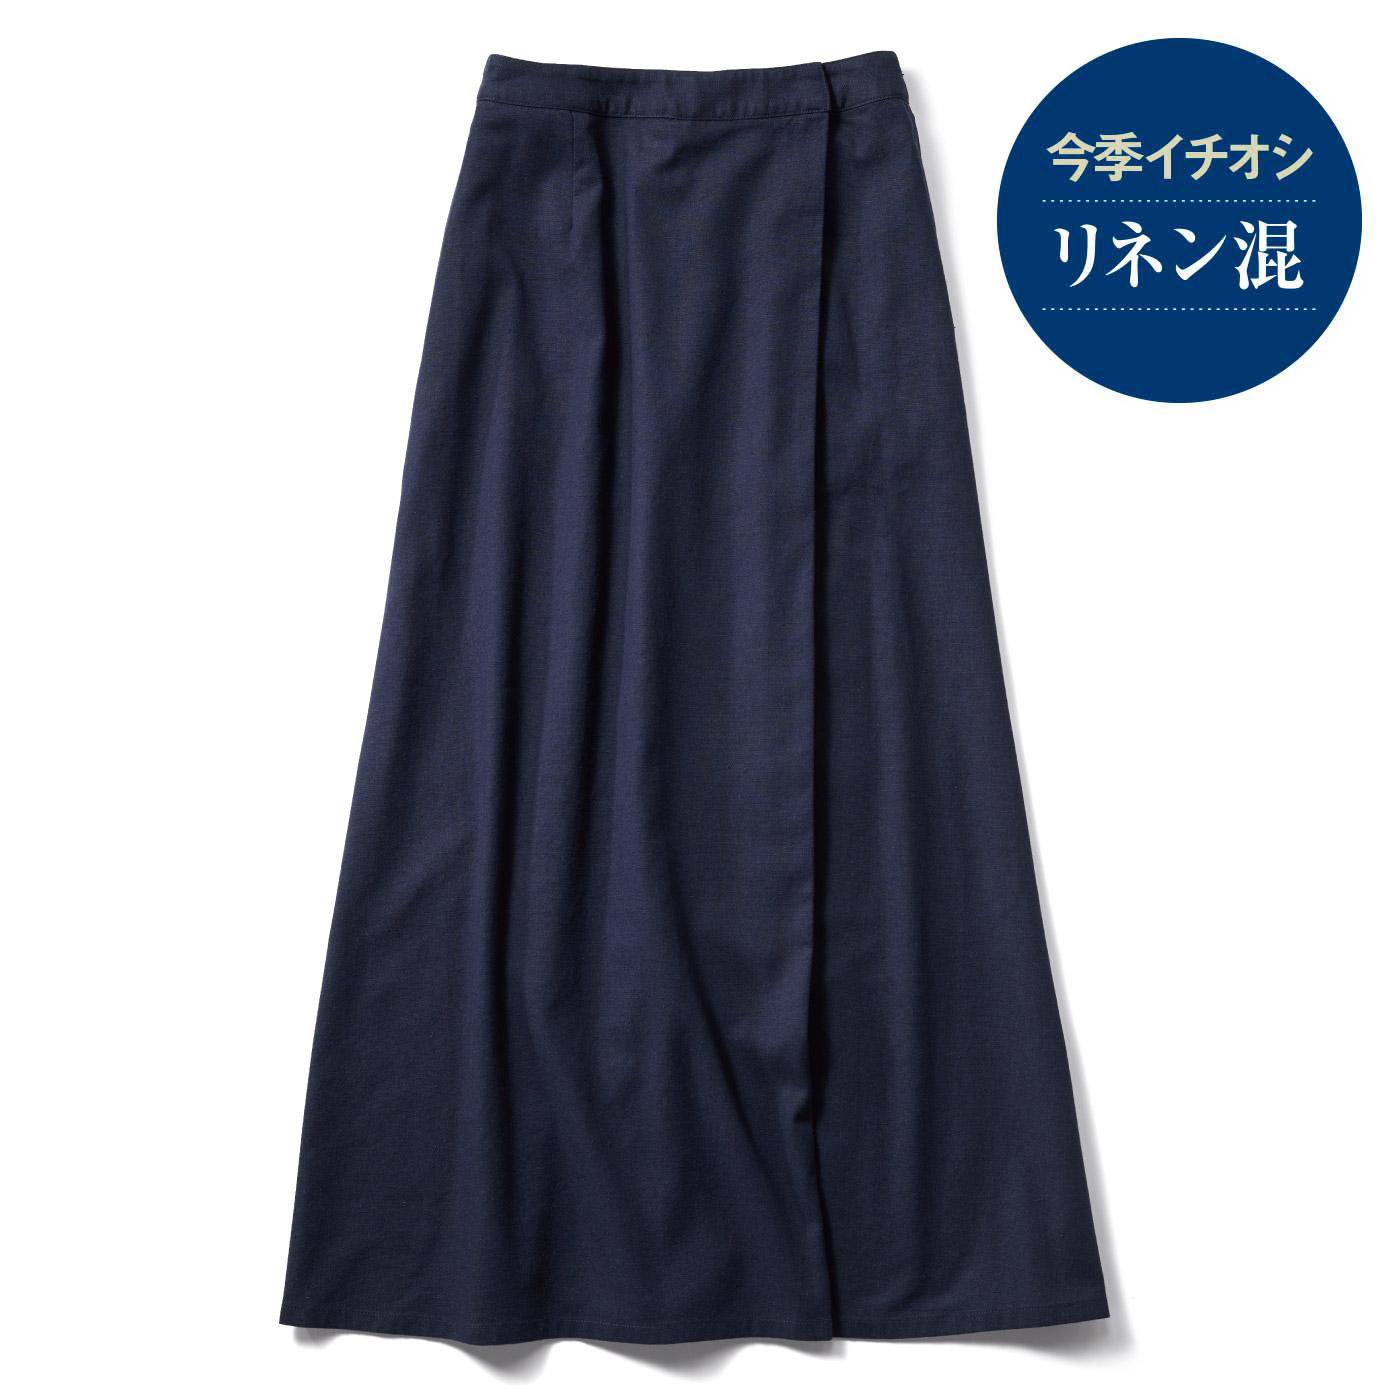 リネンラップ風スカート〈ネイビー〉IE